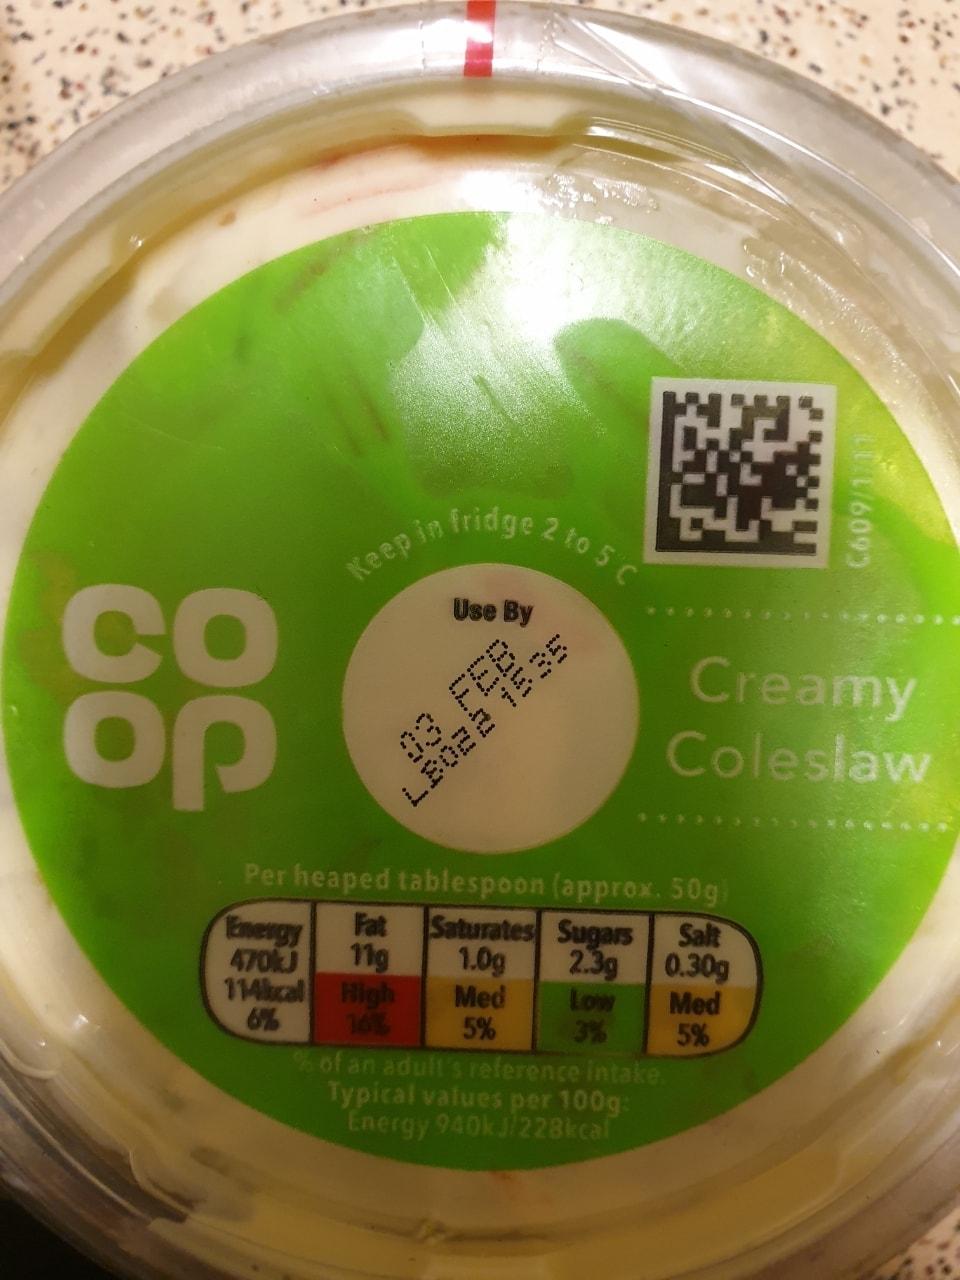 Coop creamy coleslaw